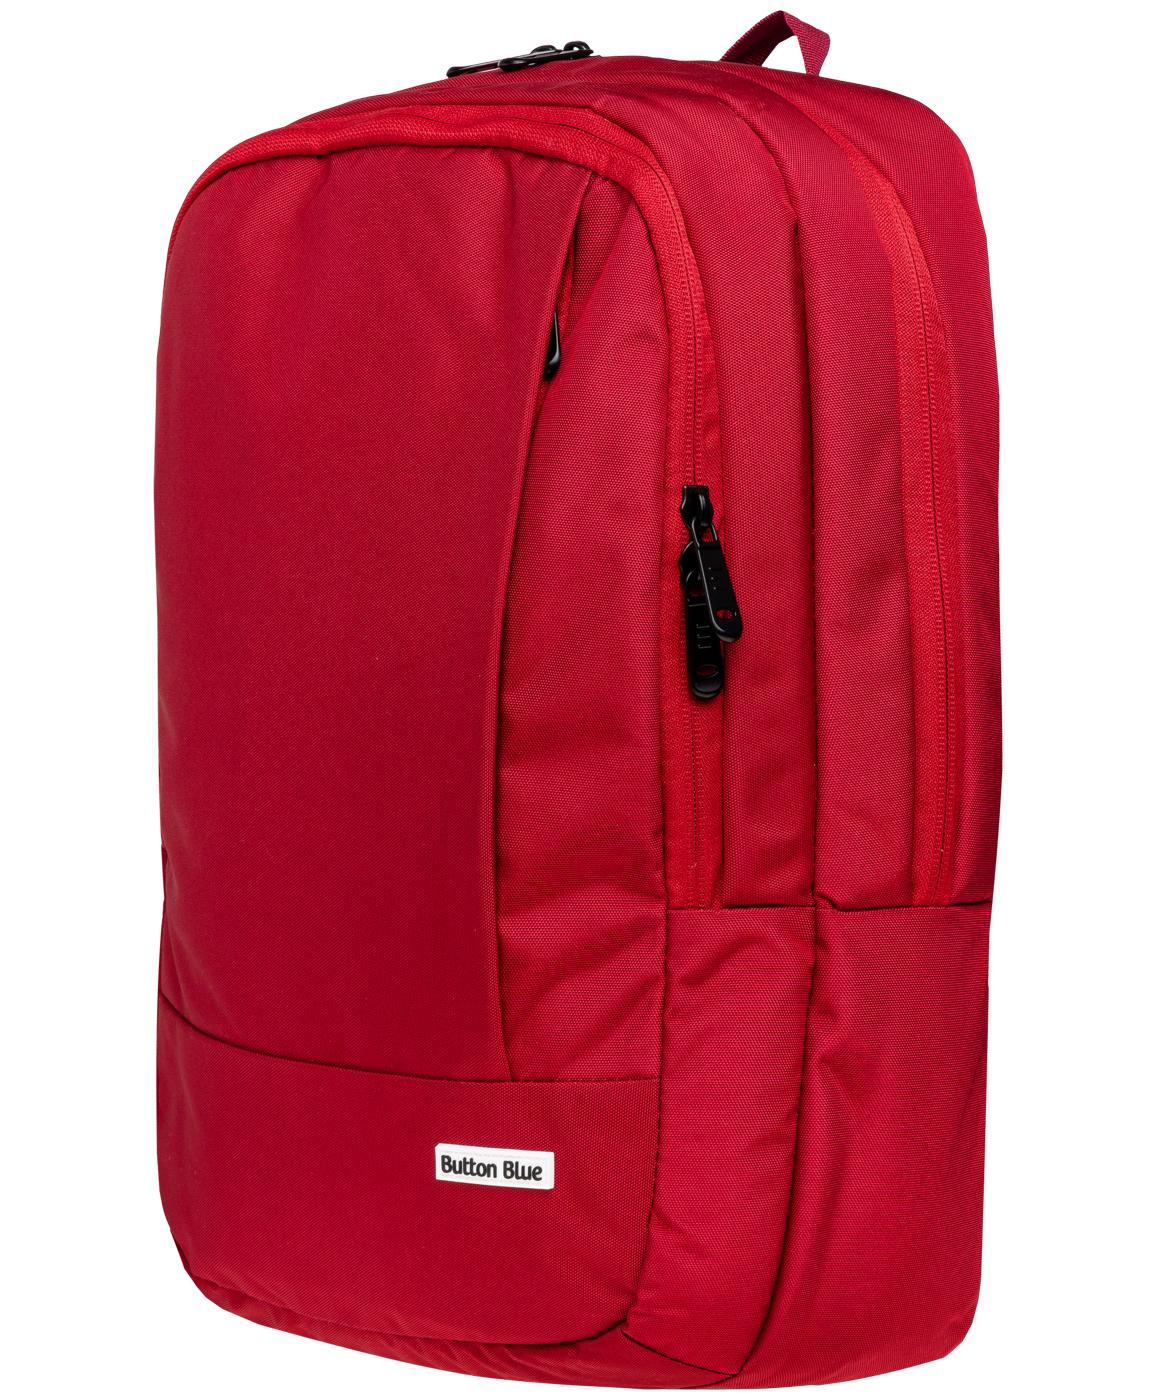 Рюкзак для девочек Button Blue, цв. красный